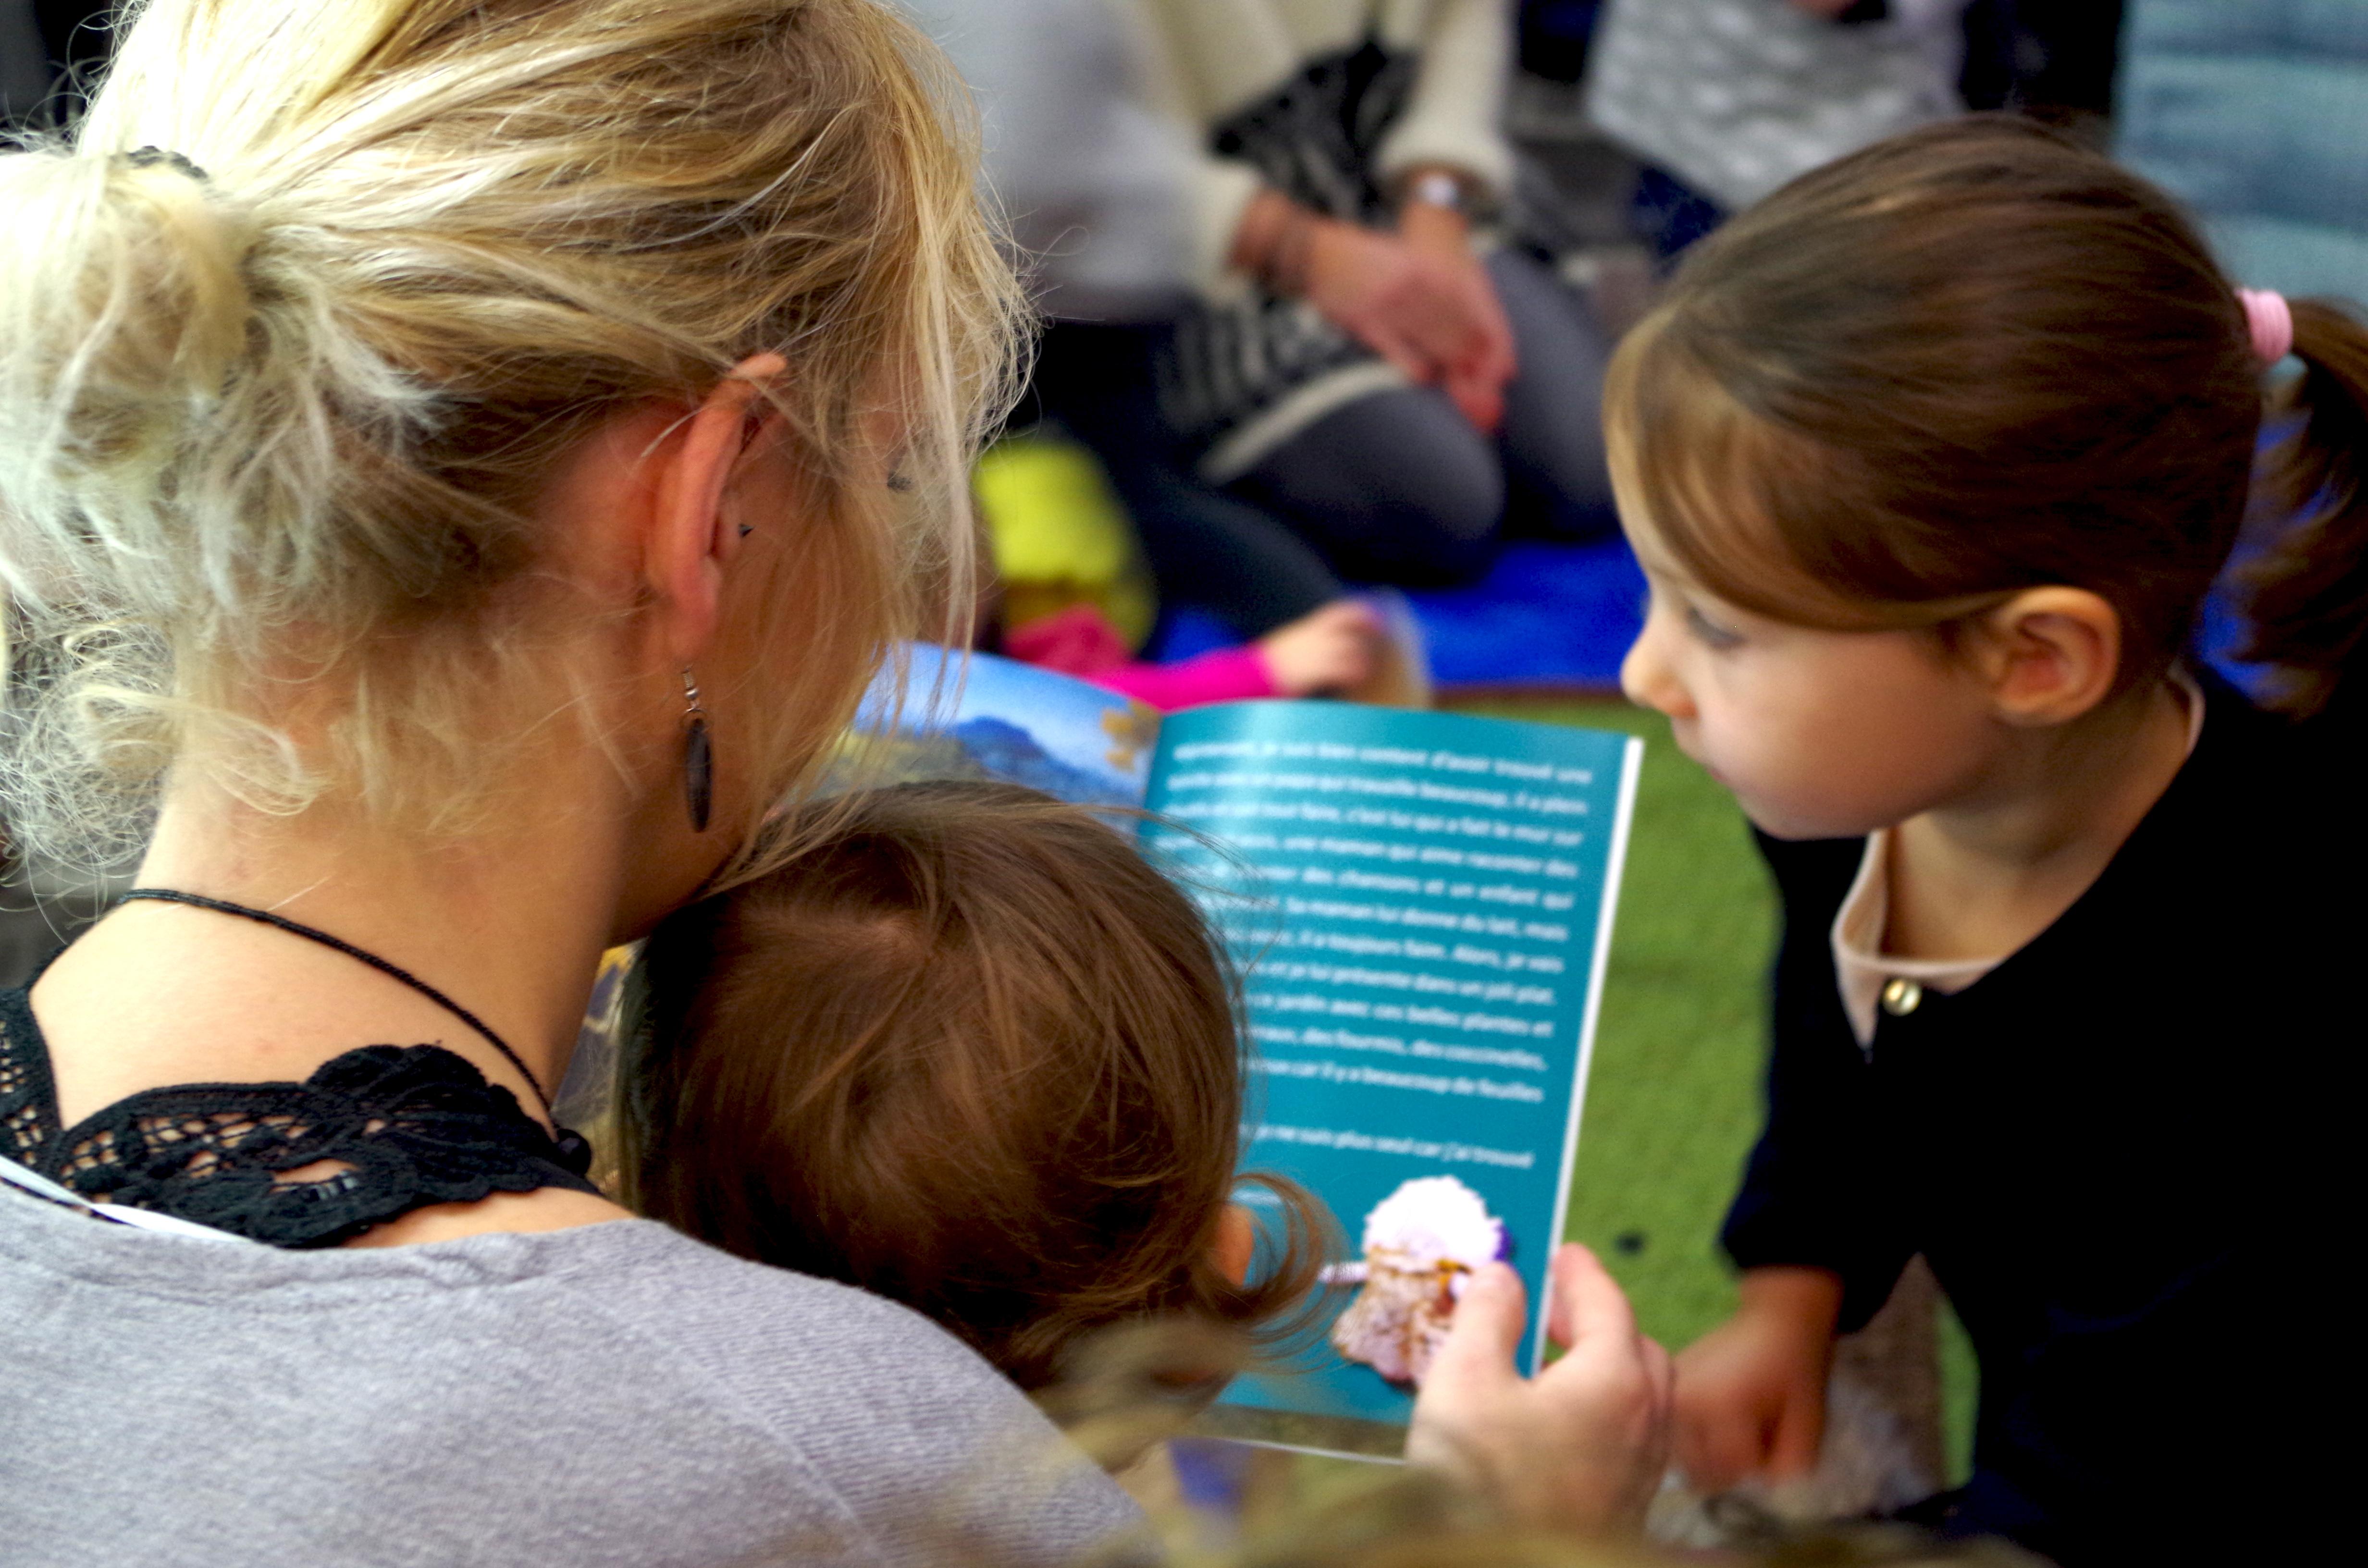 Activités avec les enfants au musée Sandelin